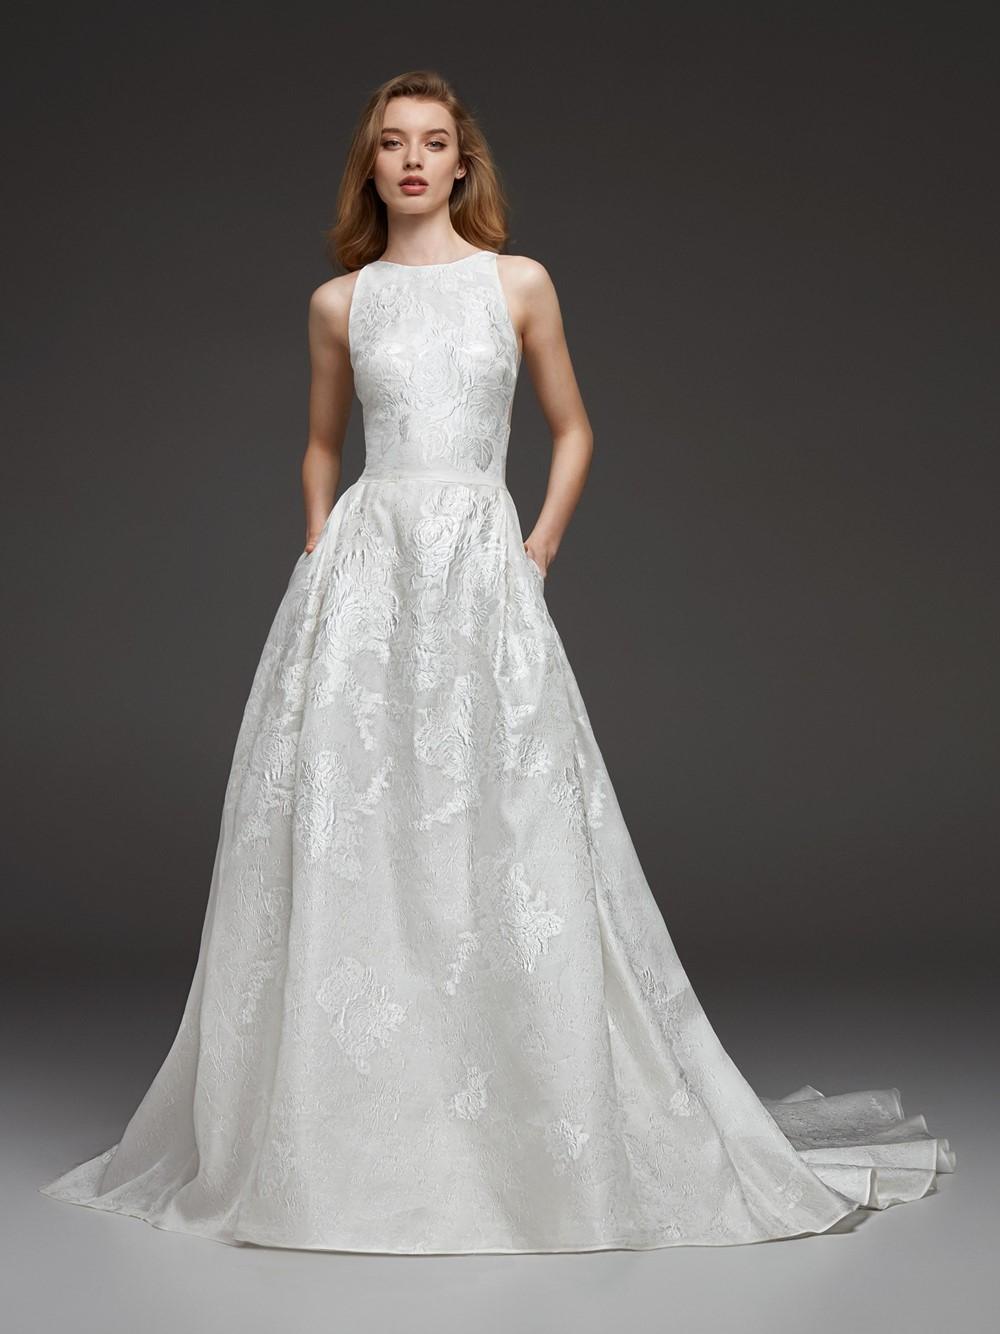 2019 Bridal Trends - Pockets Pronovias CYNTHIA Fall 2019 Bridal